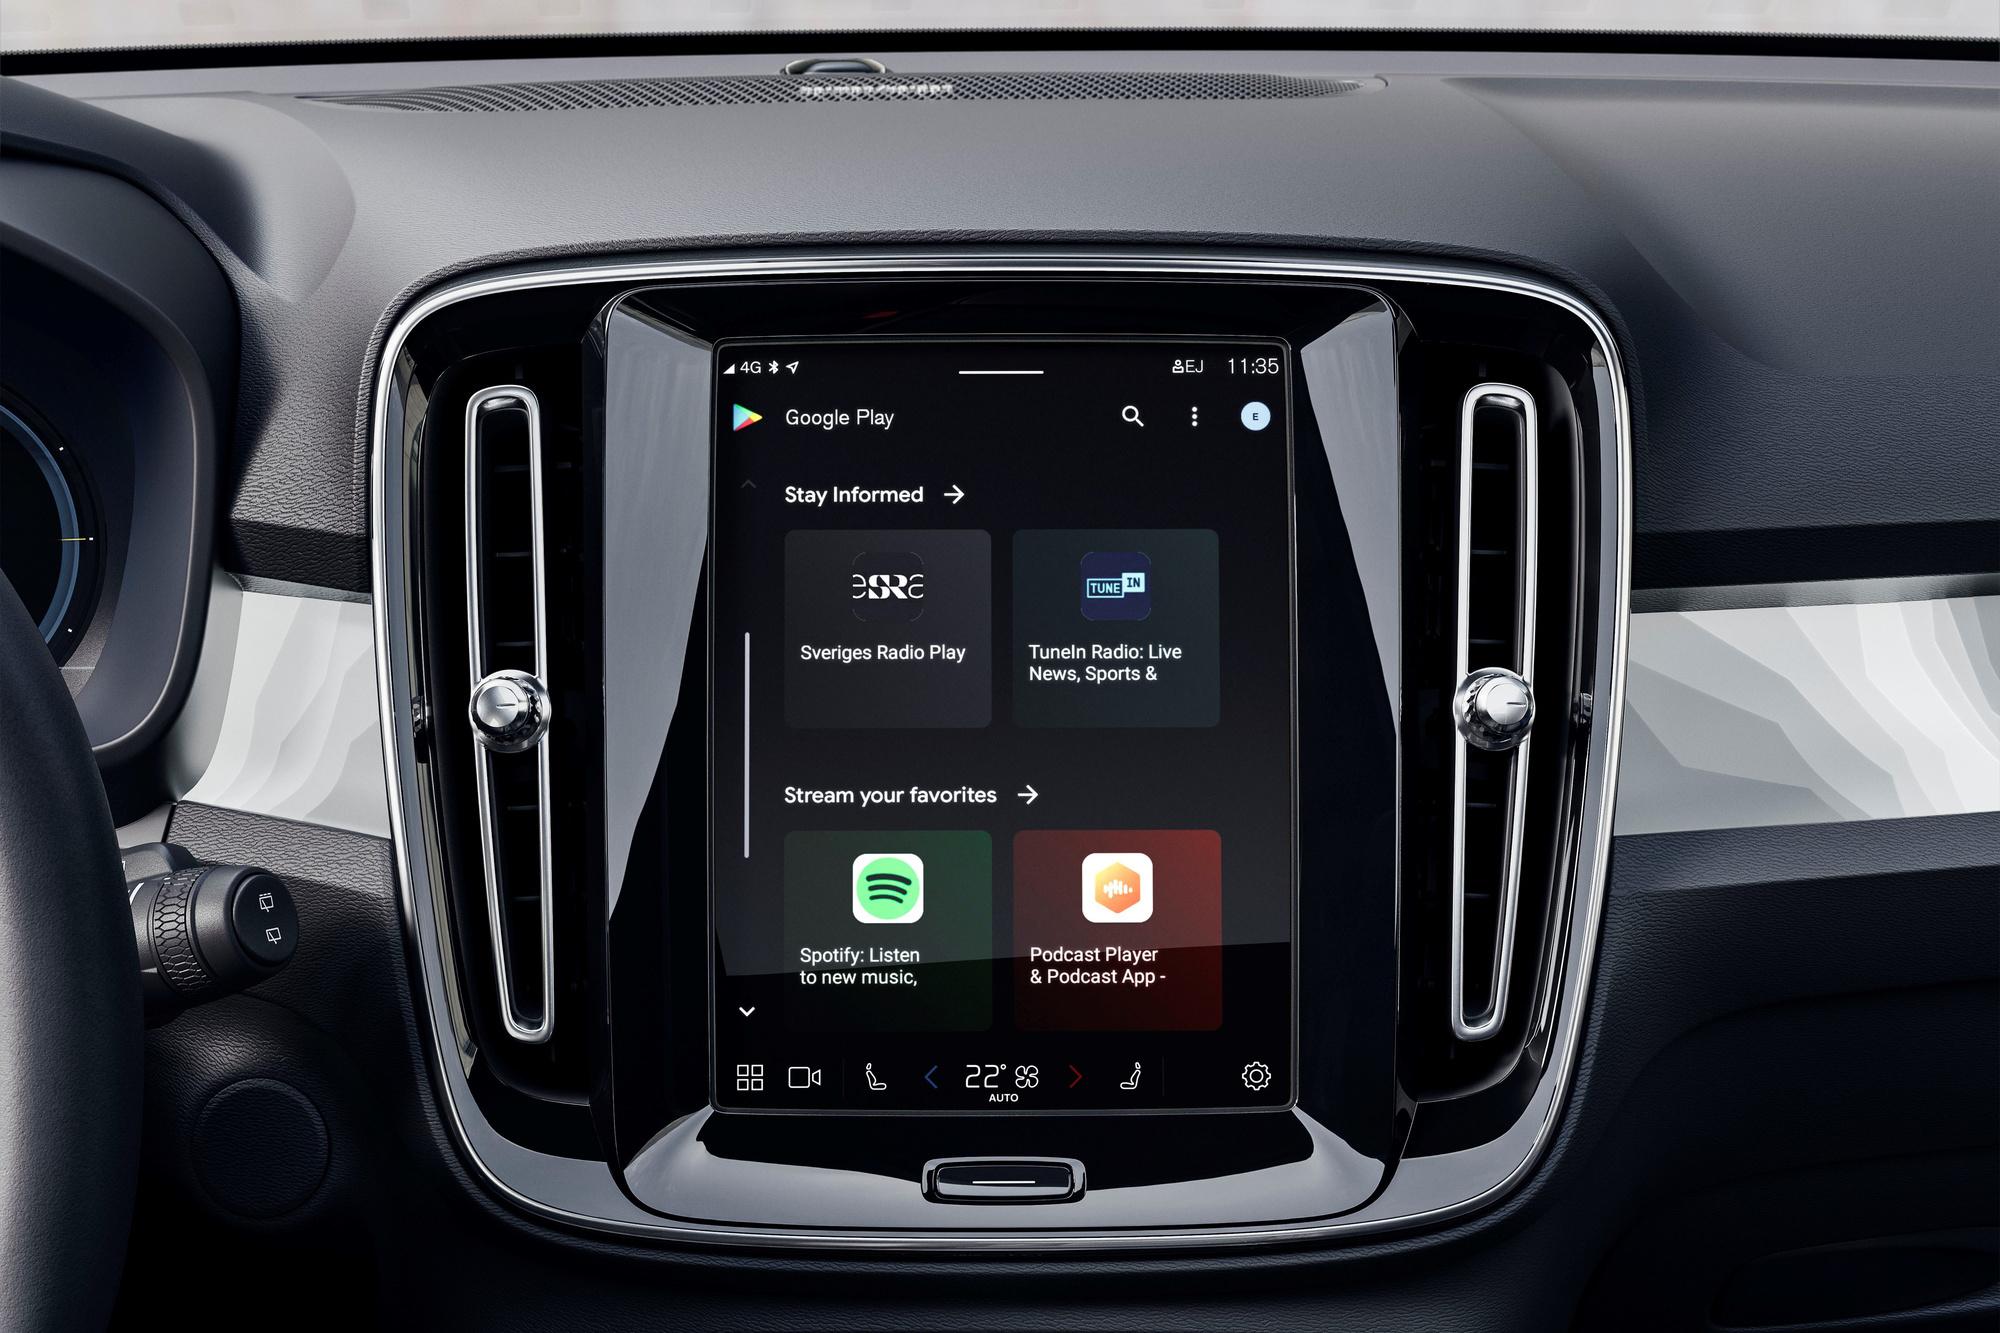 Le système d'infodivertissement de Volvo (développé avec Google) est l'un des plus agréables à utiliser du marché., GF